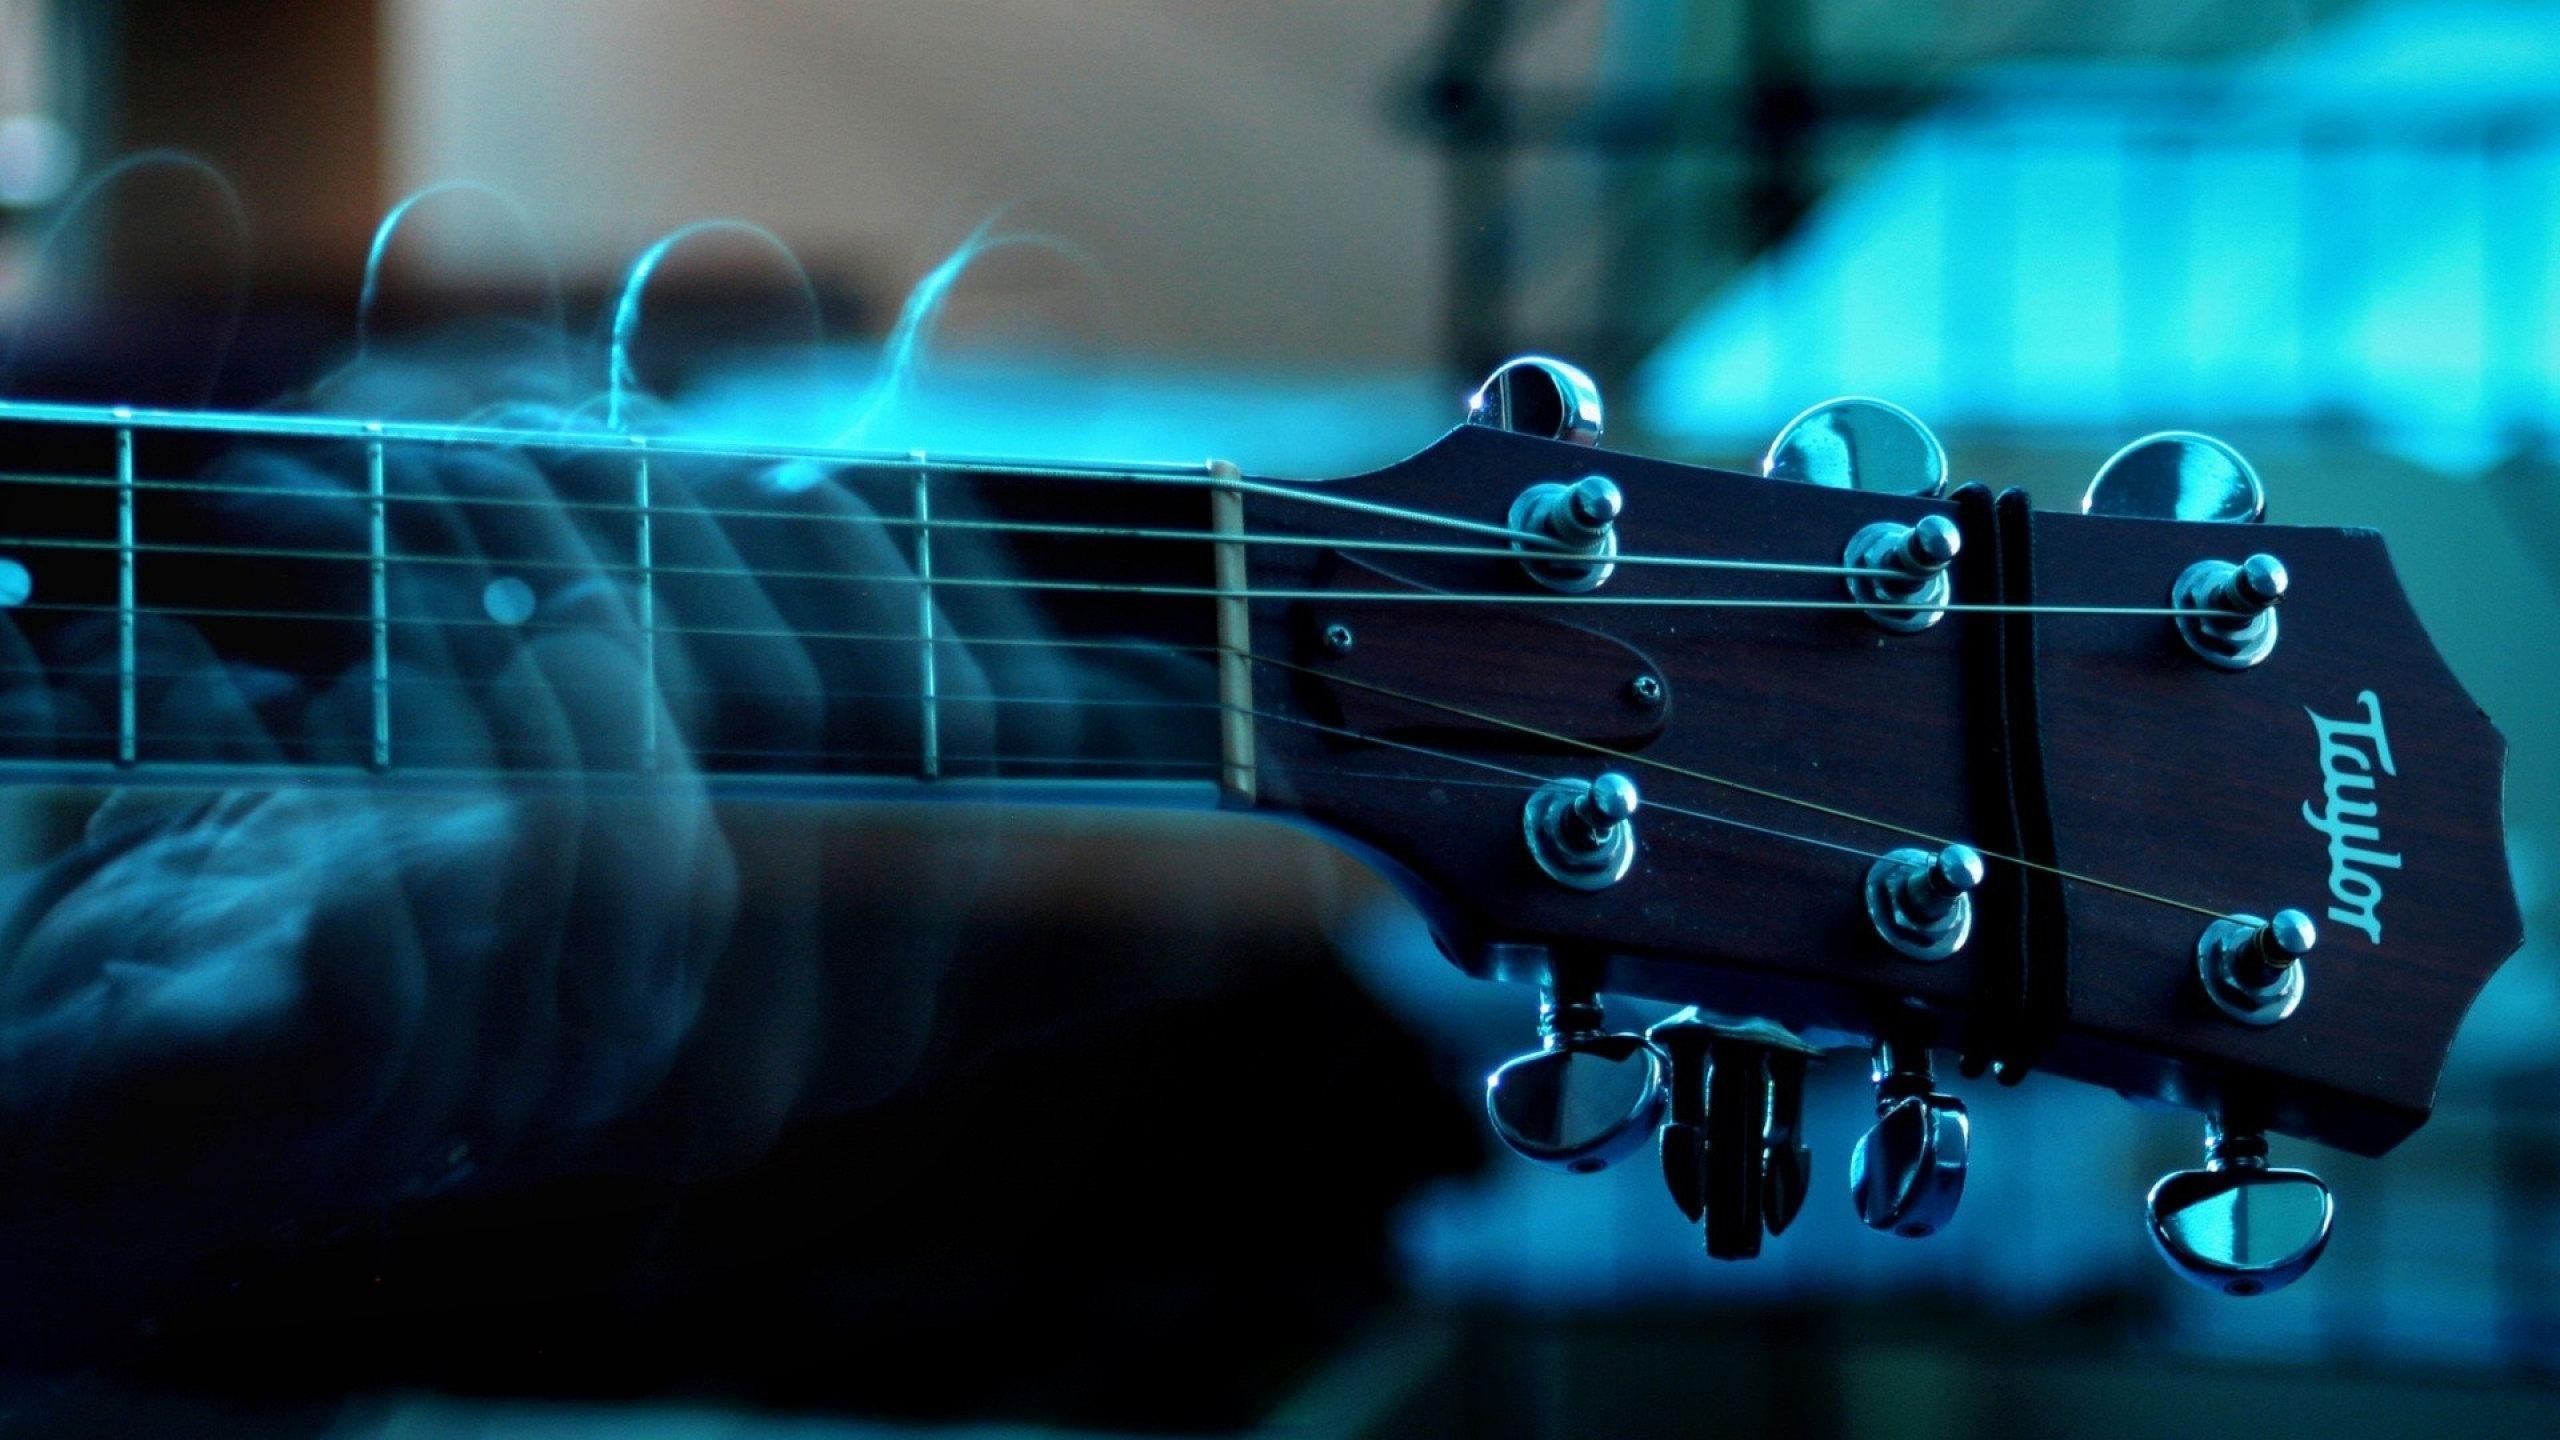 Обои музыка, гитары. Музыка foto 12